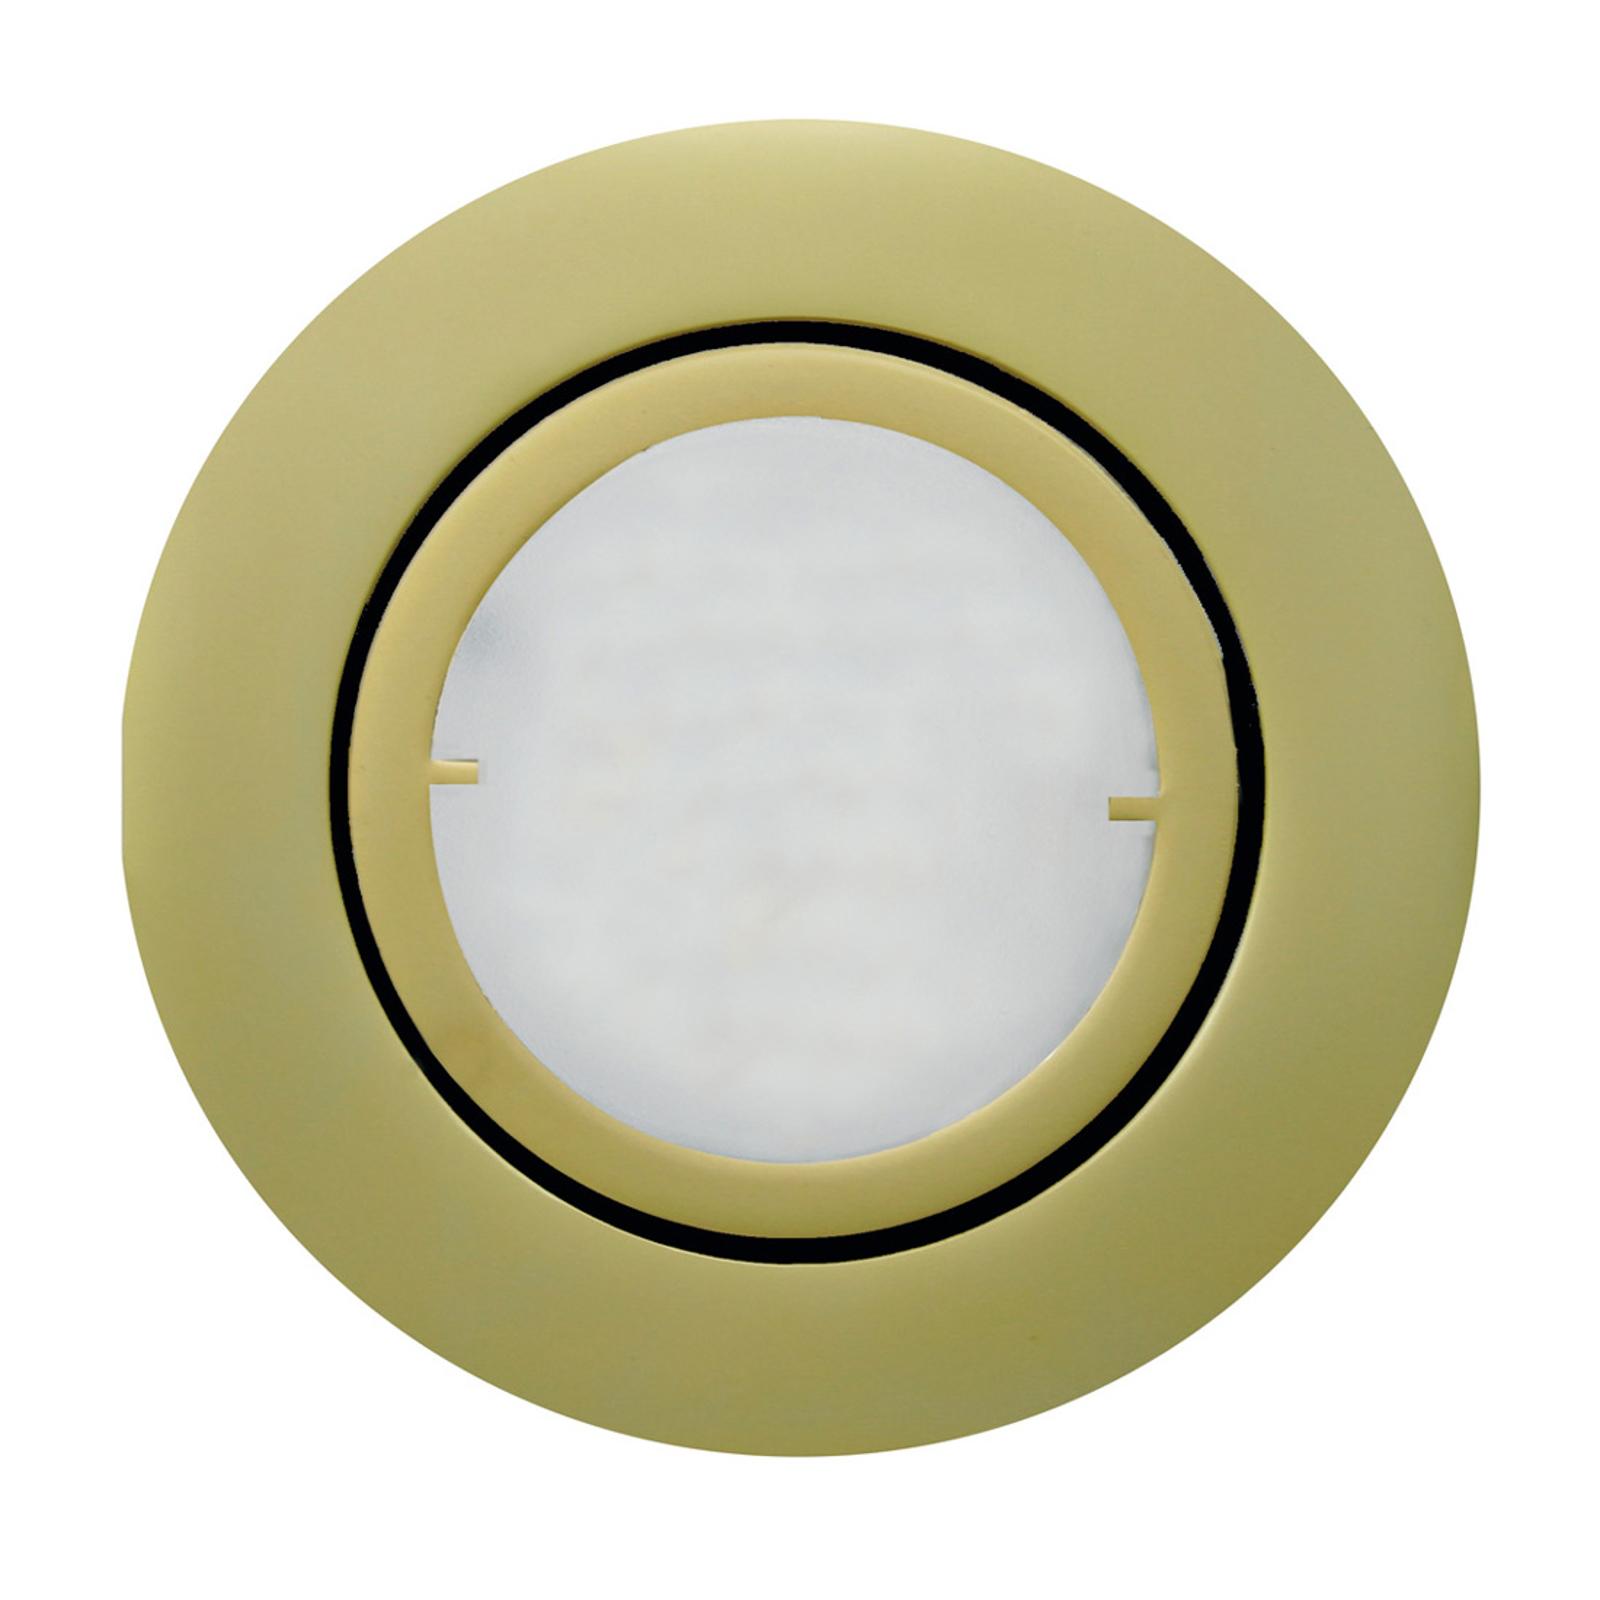 Matně zlaté LED podhledové svítidlo Joanie